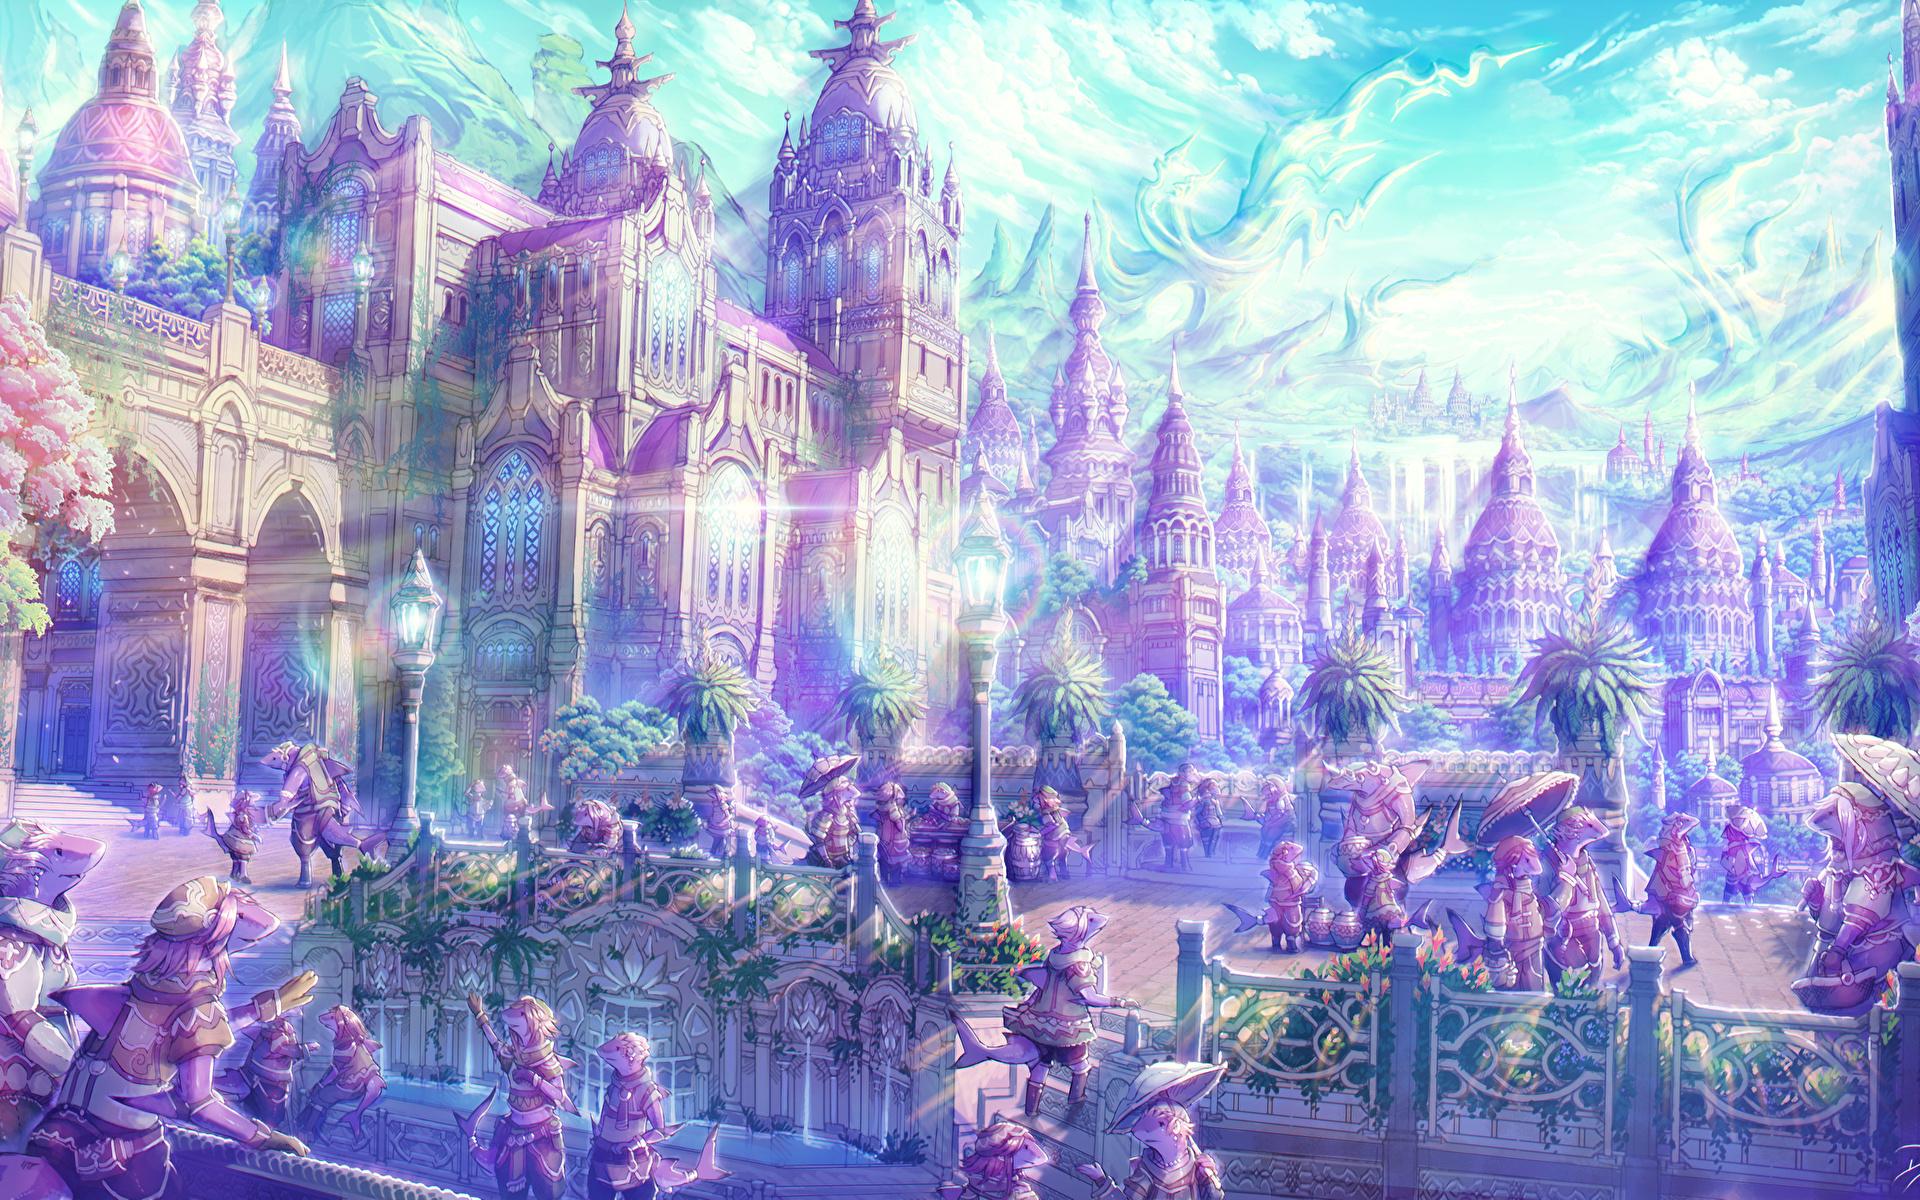 Школа магии небеса гадания как гадать на картах игральных